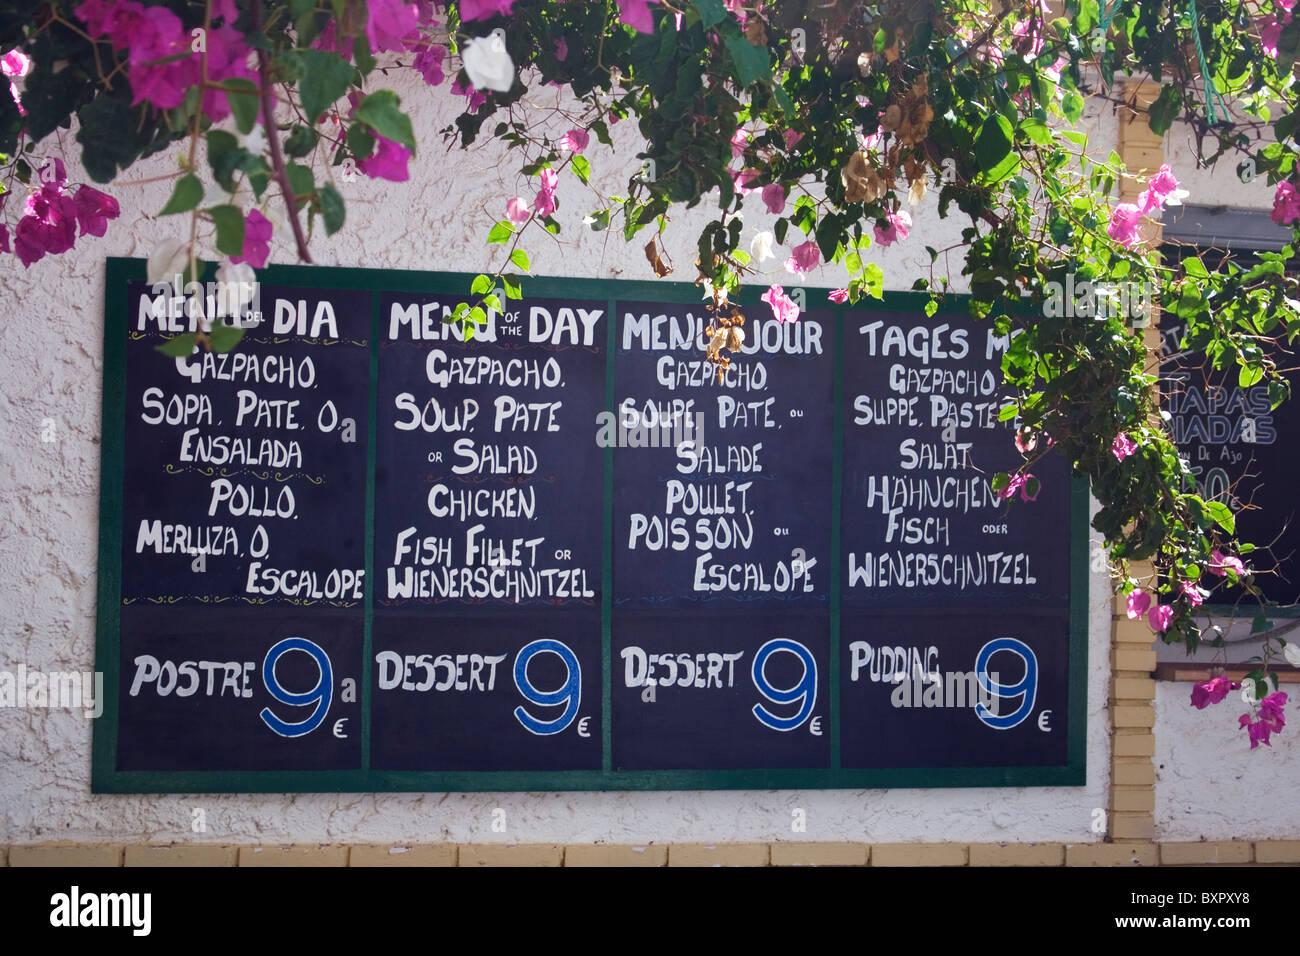 Junta de menú en cuatro idiomas diferentes publicidad el menú del día a 9 euros. Imagen De Stock